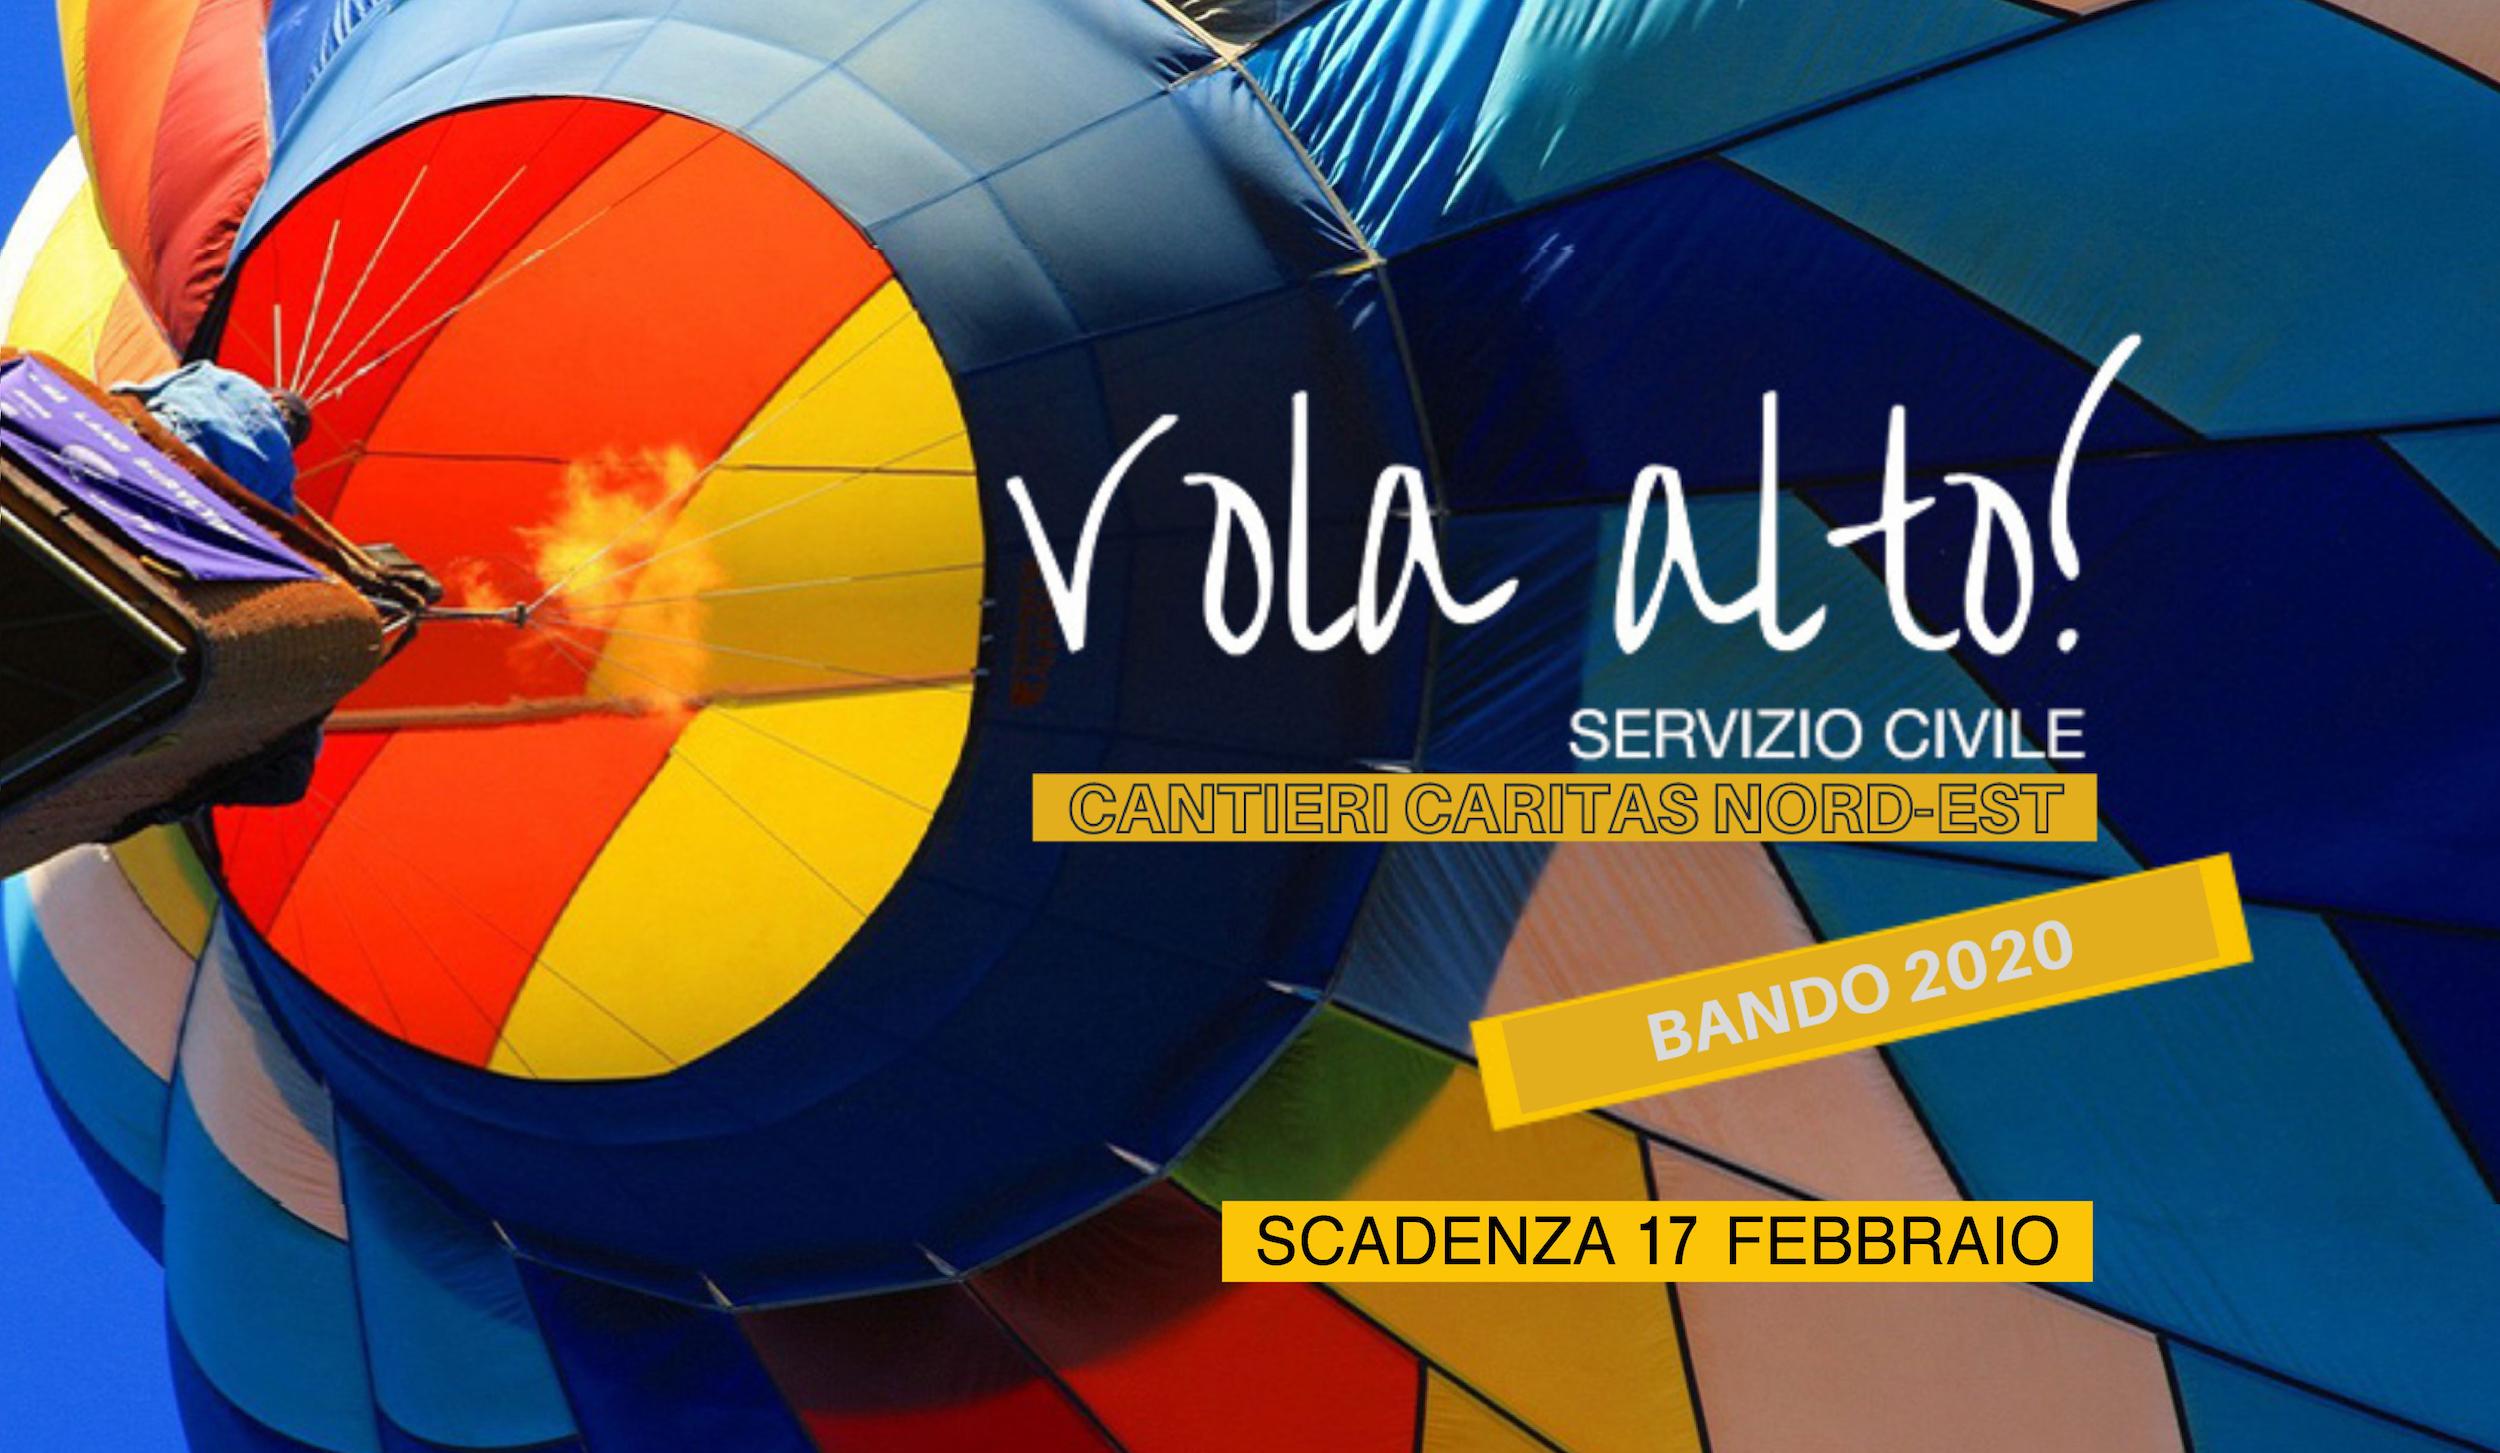 Servizio Civile Universale, scadenza della presentazione delle domande prorogata al 17 febbraio